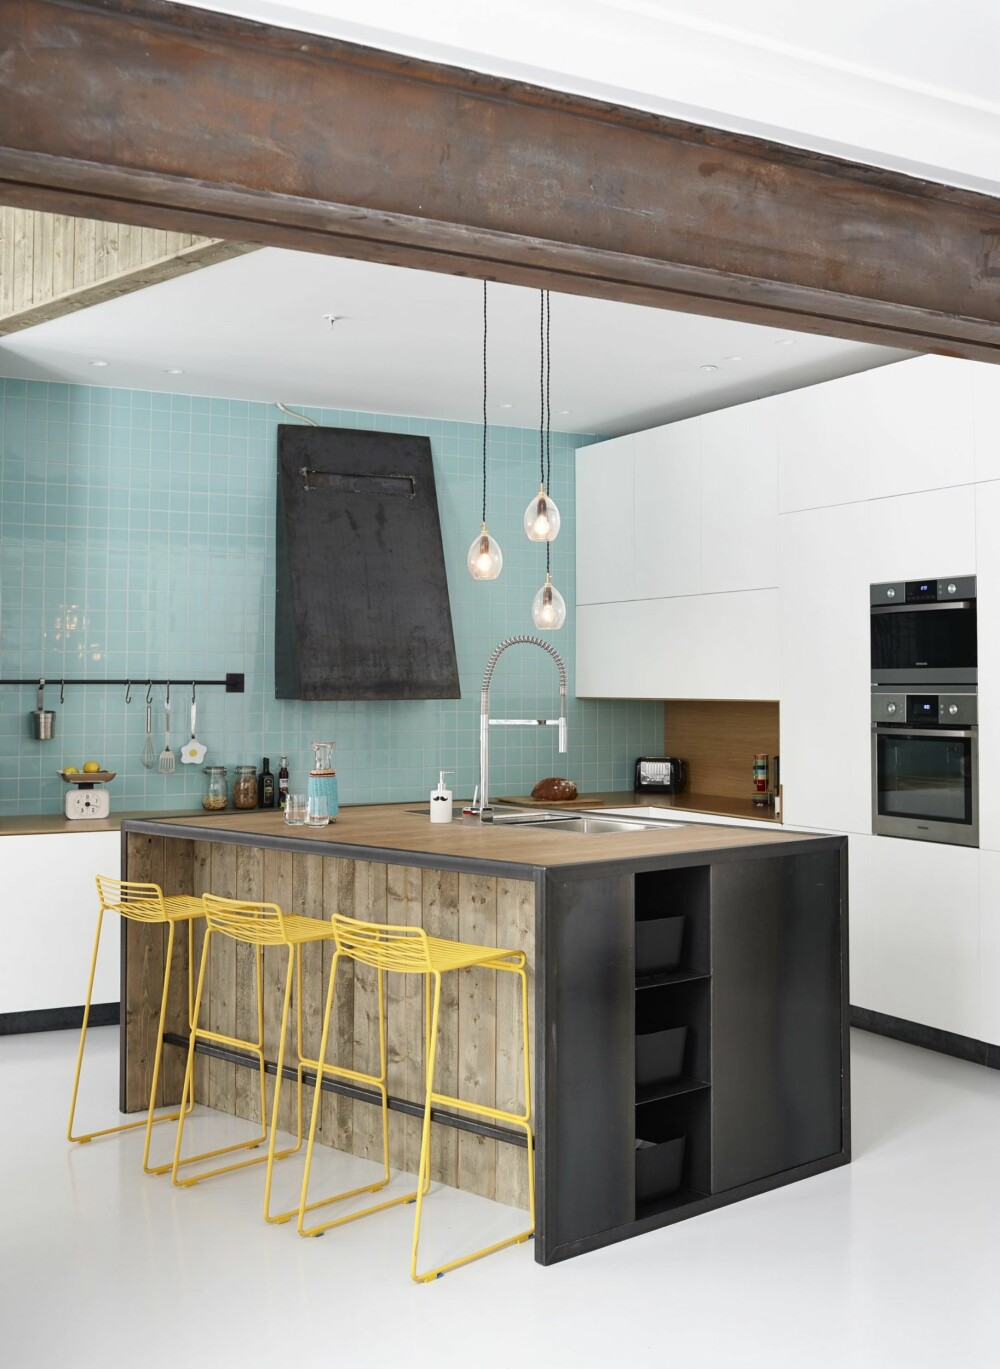 KONTRASTERENDE MATERIALER: Kjøkkenøya er produsert av Bolt Metall. Innredningen er dimensjonert for røff bruk. Benkeplaten er i bambus, og hjørner og hyller er i stål. Innredningen er designet av Wood Arkitektur + Design. Barstolen er fra Hay. Veggen er kledd med fliser fra Vitra.